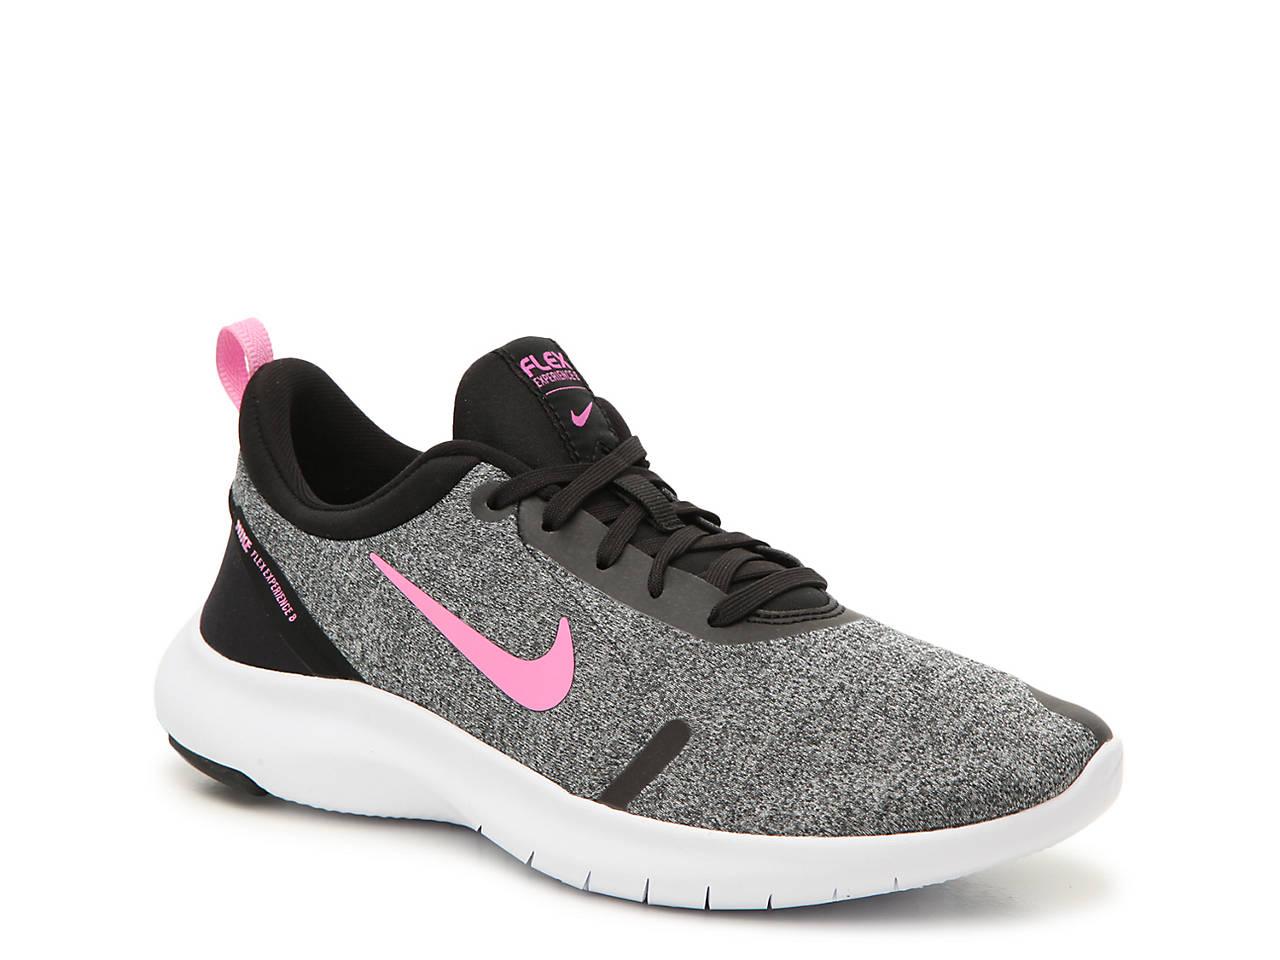 2801037964a79 Nike Flex Experience RN 8 Lightweight Running Shoe - Women's Women's ...